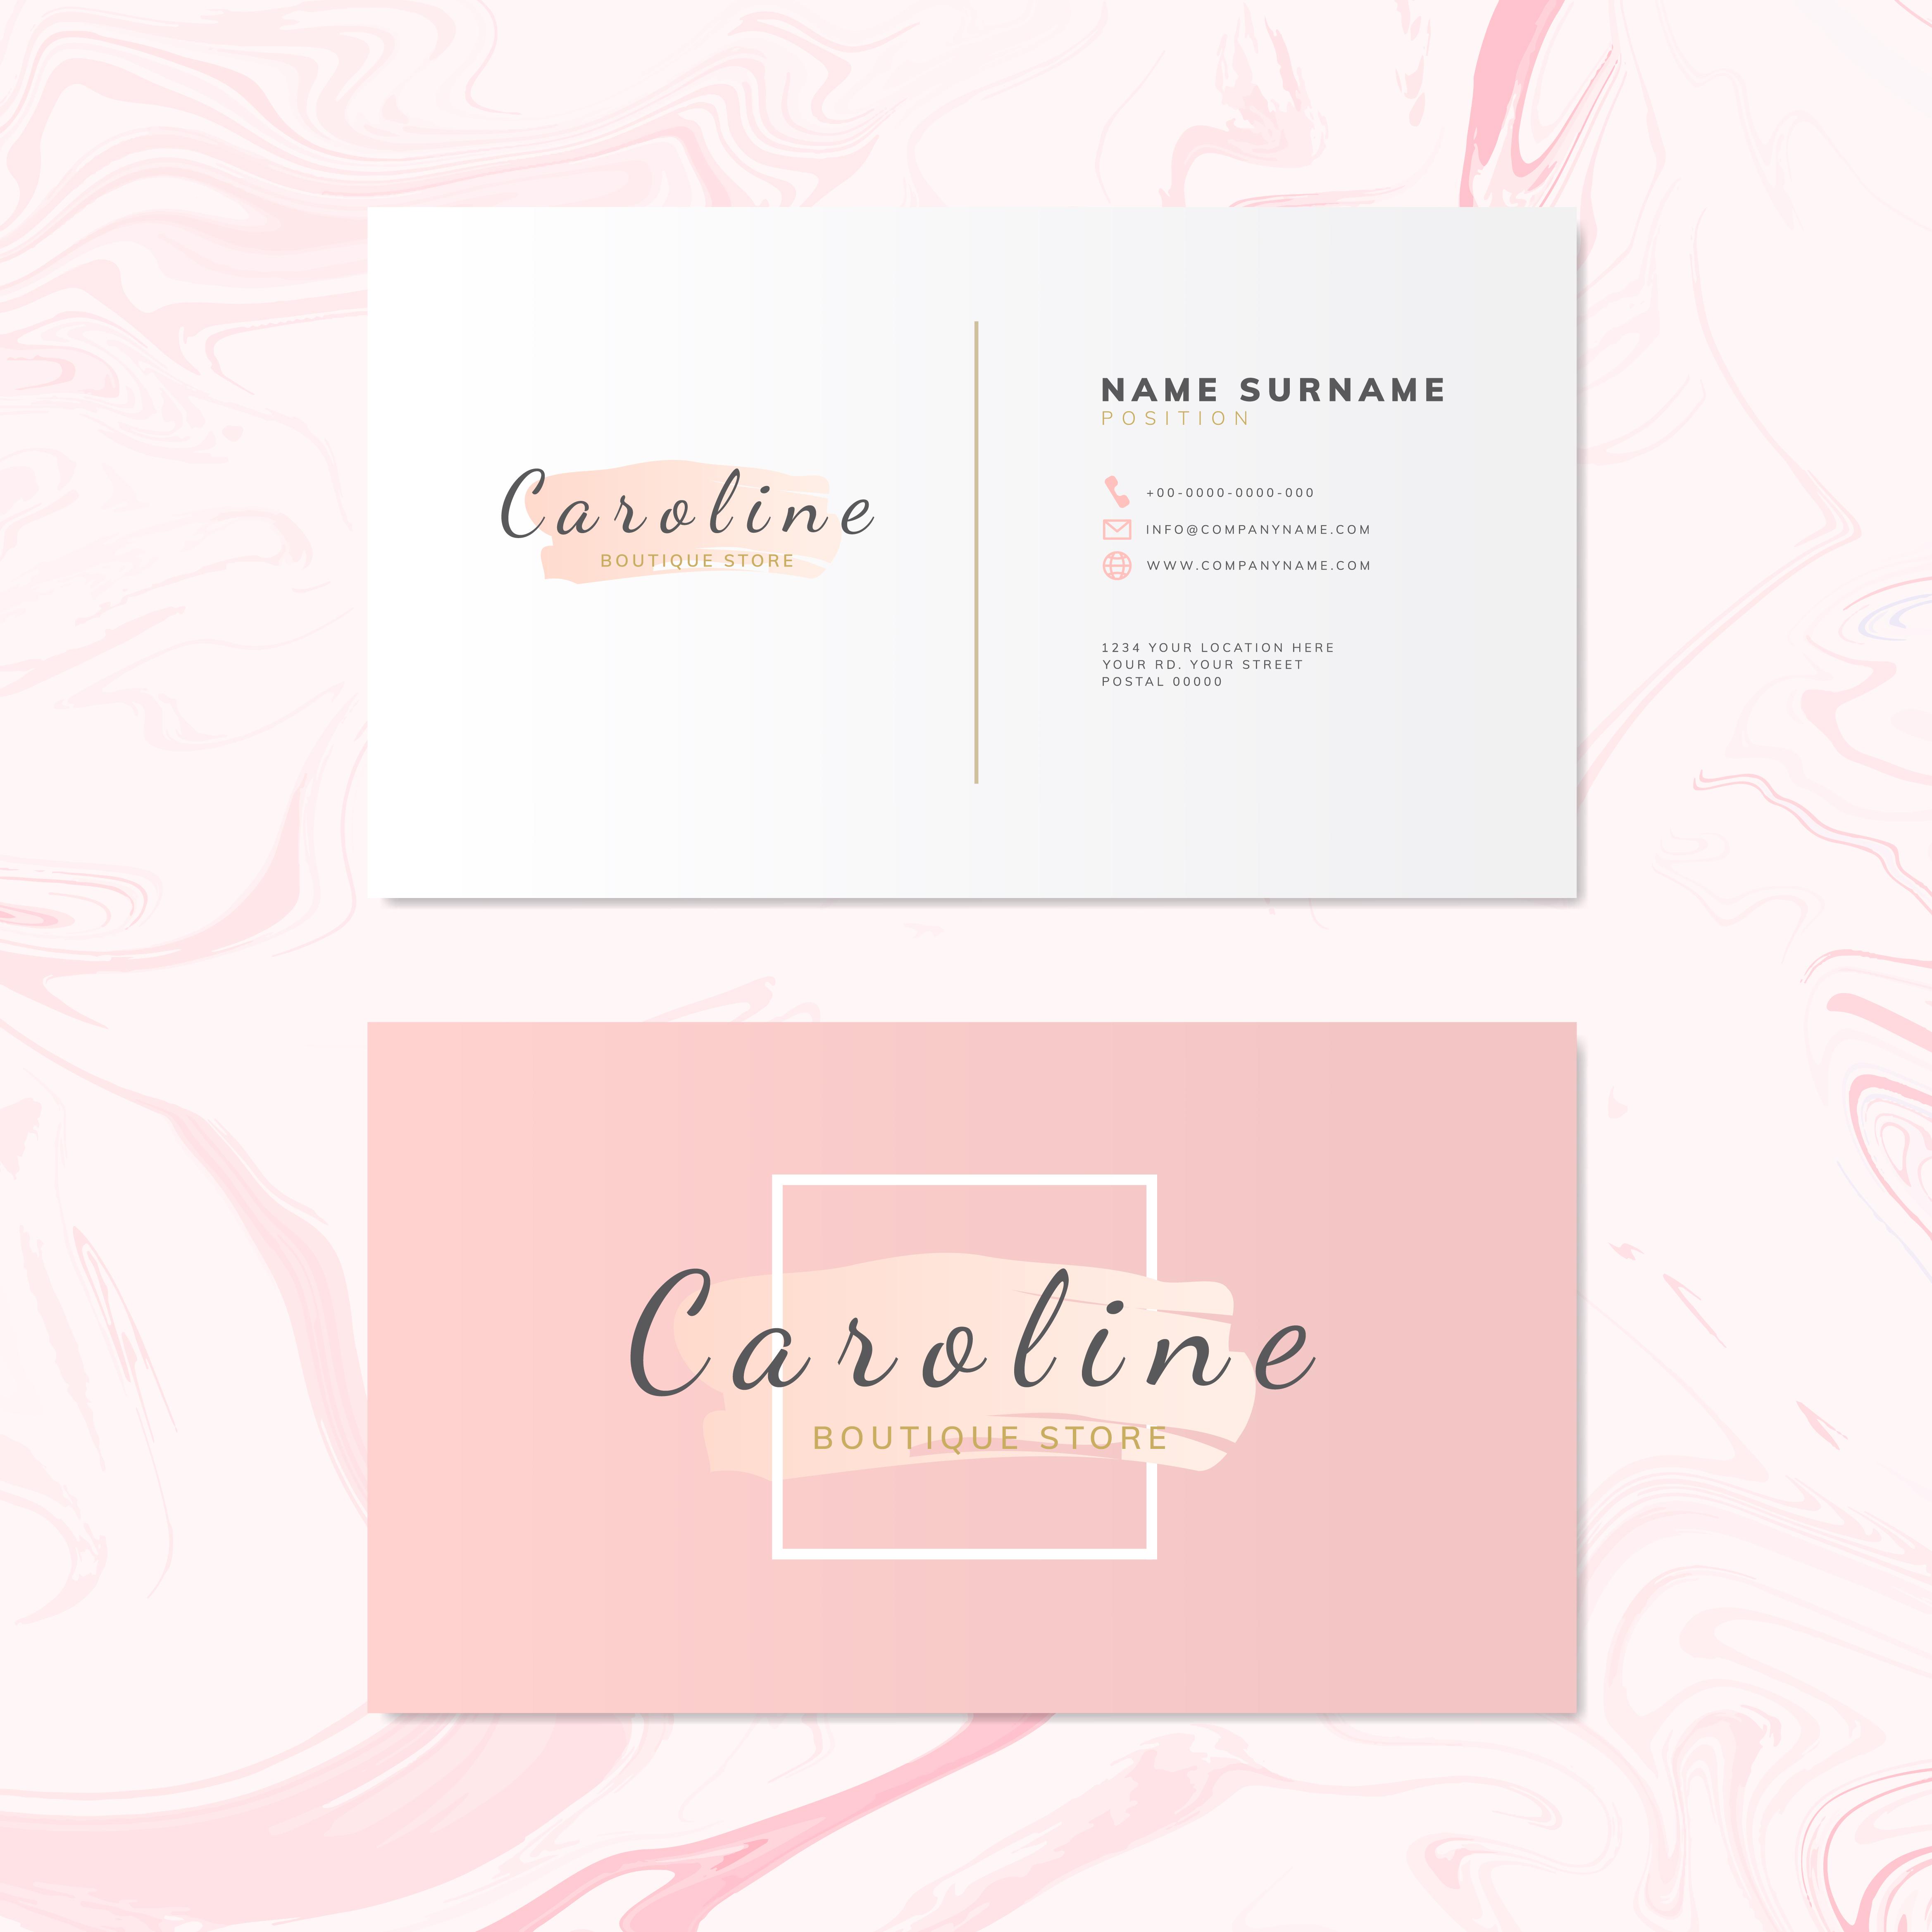 Thiết kế và in ấn name card đẹp cần lưu ý những gì?